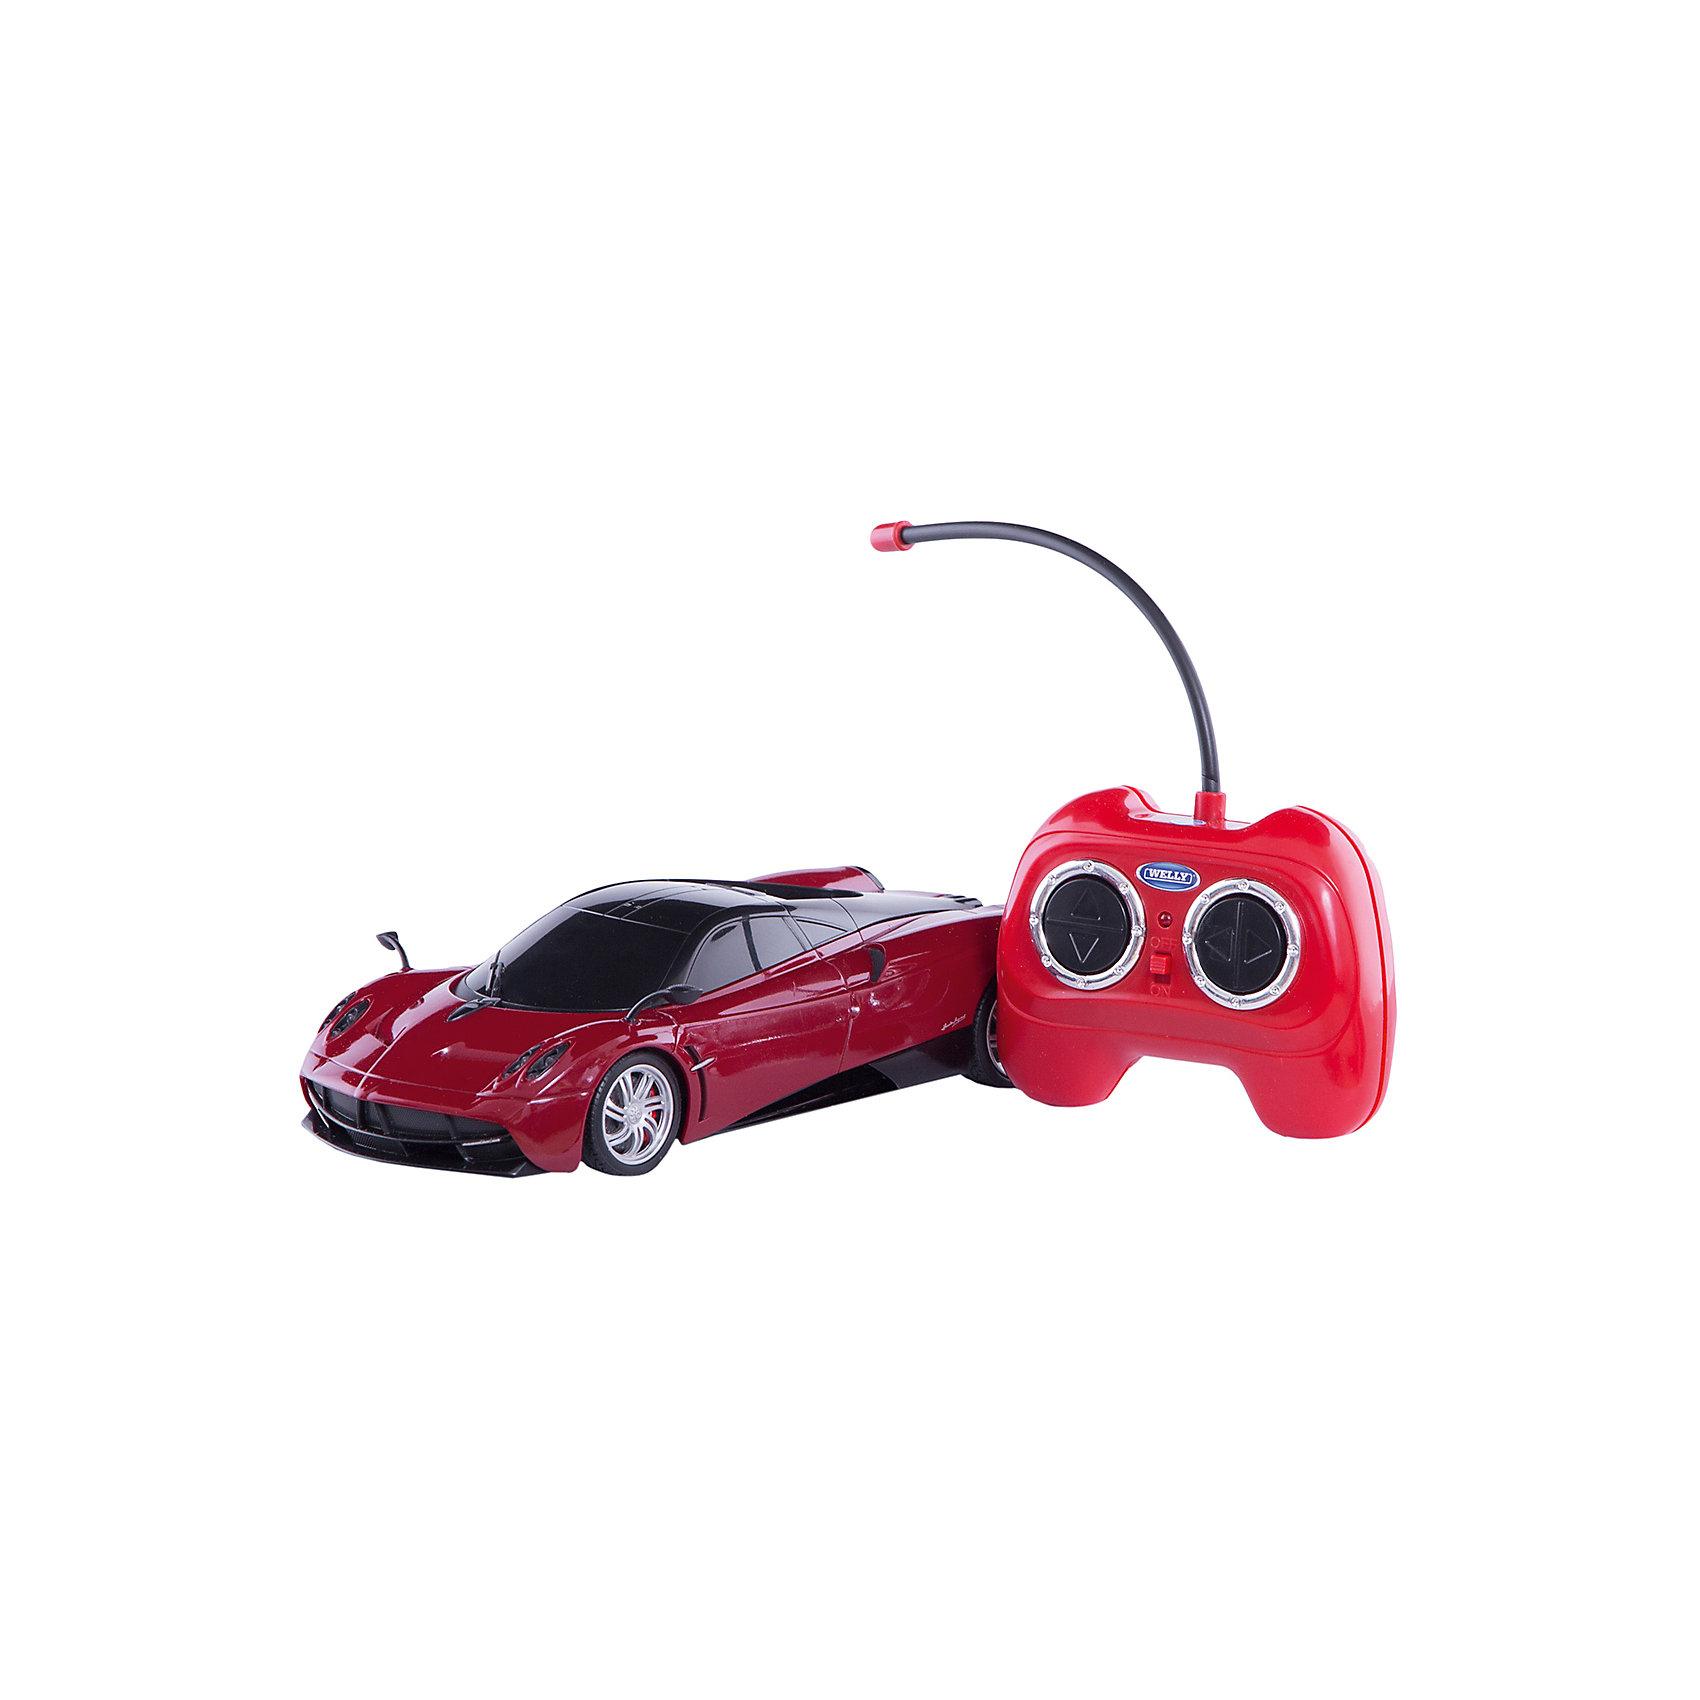 Модель машины 1:24 Pagani Huayra, р/у, WellyМодель машины 1:24 Pagani Huayra, р/у, Welly<br><br>Характеристики:<br><br>• Цвет: красный<br>• Модель: Pagani Huayra<br>• Материал: пластик, металл<br>• Размер упаковки: 7х13х18 см<br>• Размер машинки: 13х4 см<br><br>Машинка полностью повторяет внешний вид настоящей машины Pagani Huayra. Она сможет дополнить коллекцию автомобилей или просто разнообразит игру ребенка. Игрушка сделана из качественного материала, который не только не вреден ребенку, но и очень крепок. В машинке открываются дверки и инерционный механизм. Кроме этого она оснащена звуковым и световым сопровождением.<br><br>Модель машины 1:24 Pagani Huayra, р/у, Welly можно купить в нашем интернет-магазине.<br><br>Ширина мм: 110<br>Глубина мм: 130<br>Высота мм: 260<br>Вес г: 497<br>Возраст от месяцев: 36<br>Возраст до месяцев: 192<br>Пол: Мужской<br>Возраст: Детский<br>SKU: 4966560